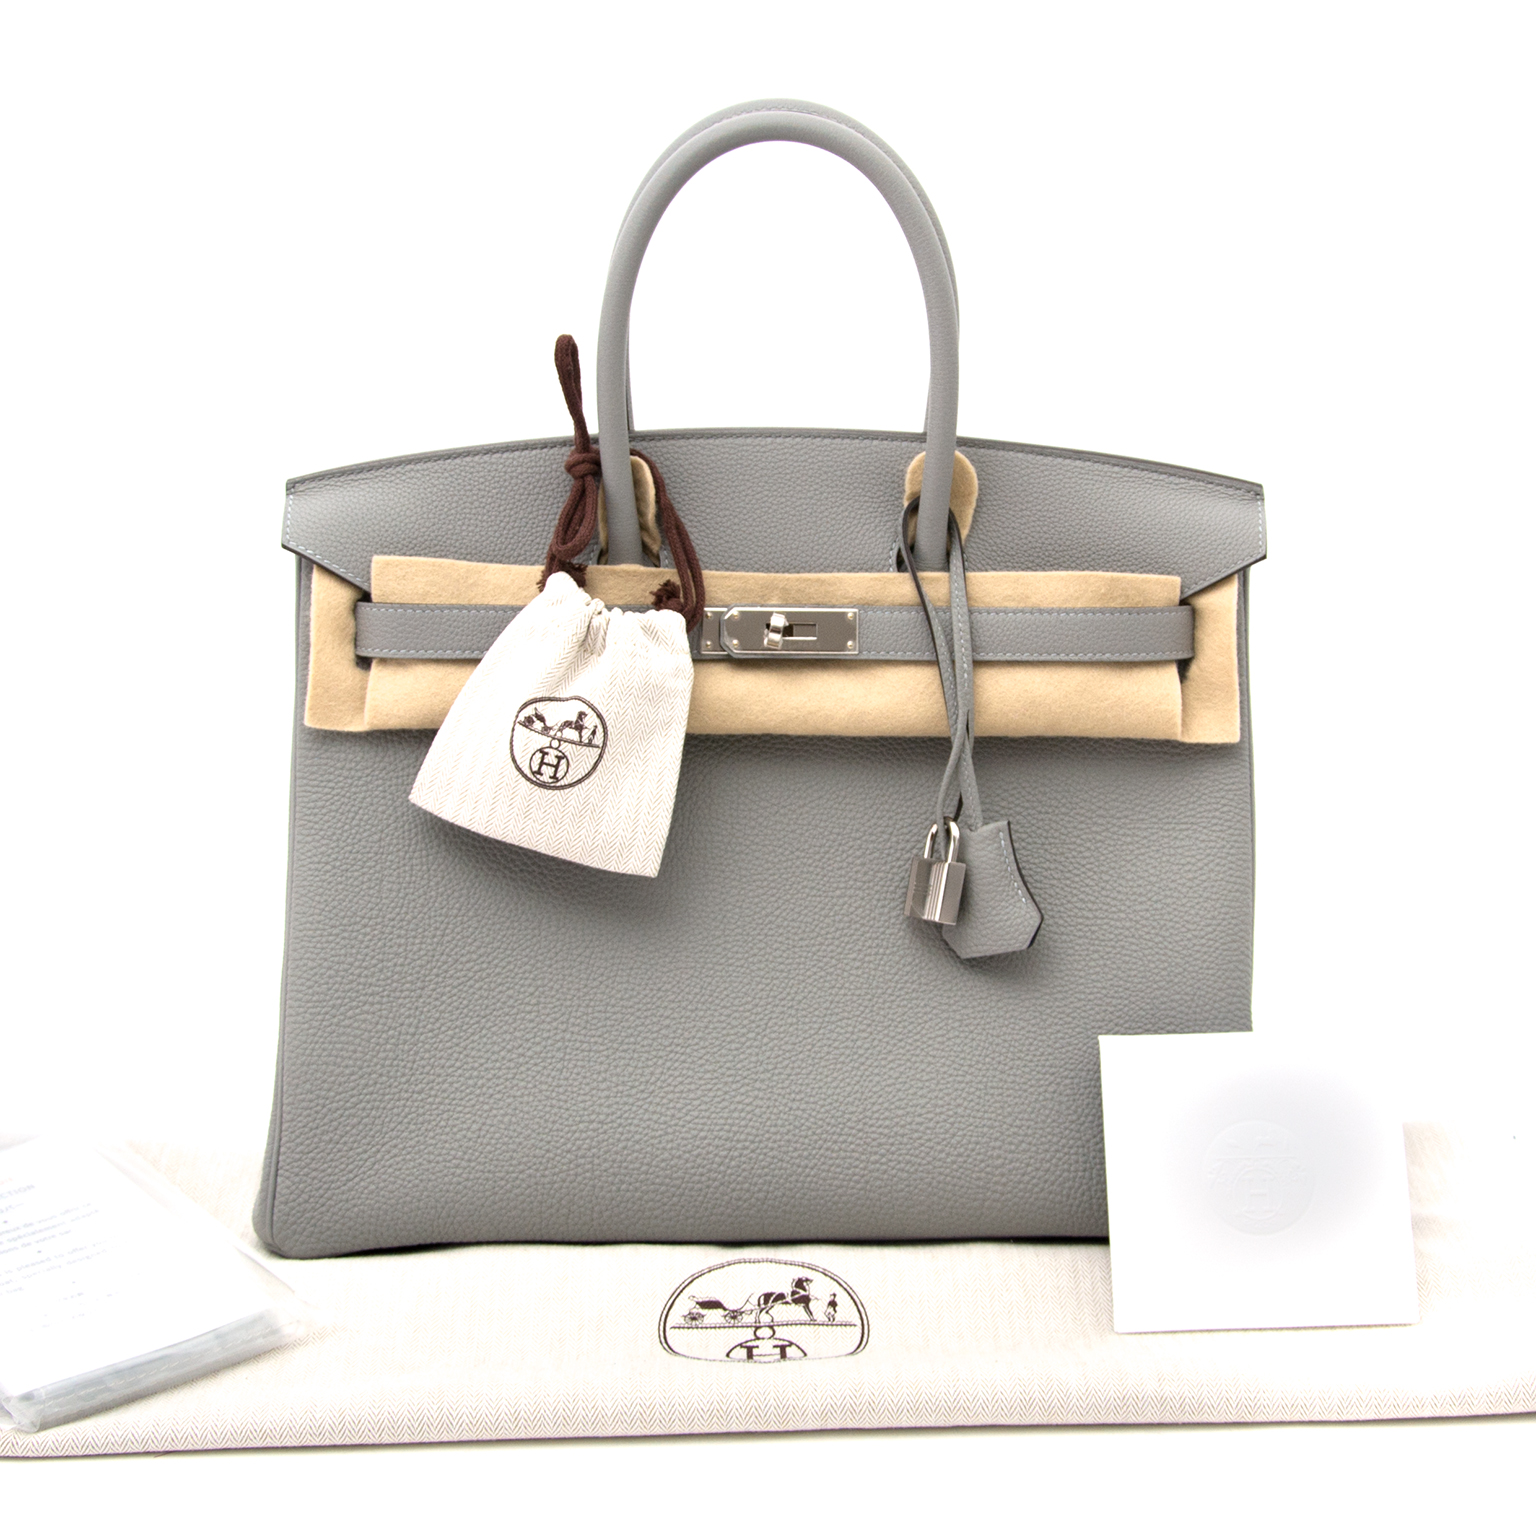 9be9b5aa96 ... koop veilig online aan de beste prijs Brand New Hermes Birkin 35cm  Bicolor Gris Mouette Togo